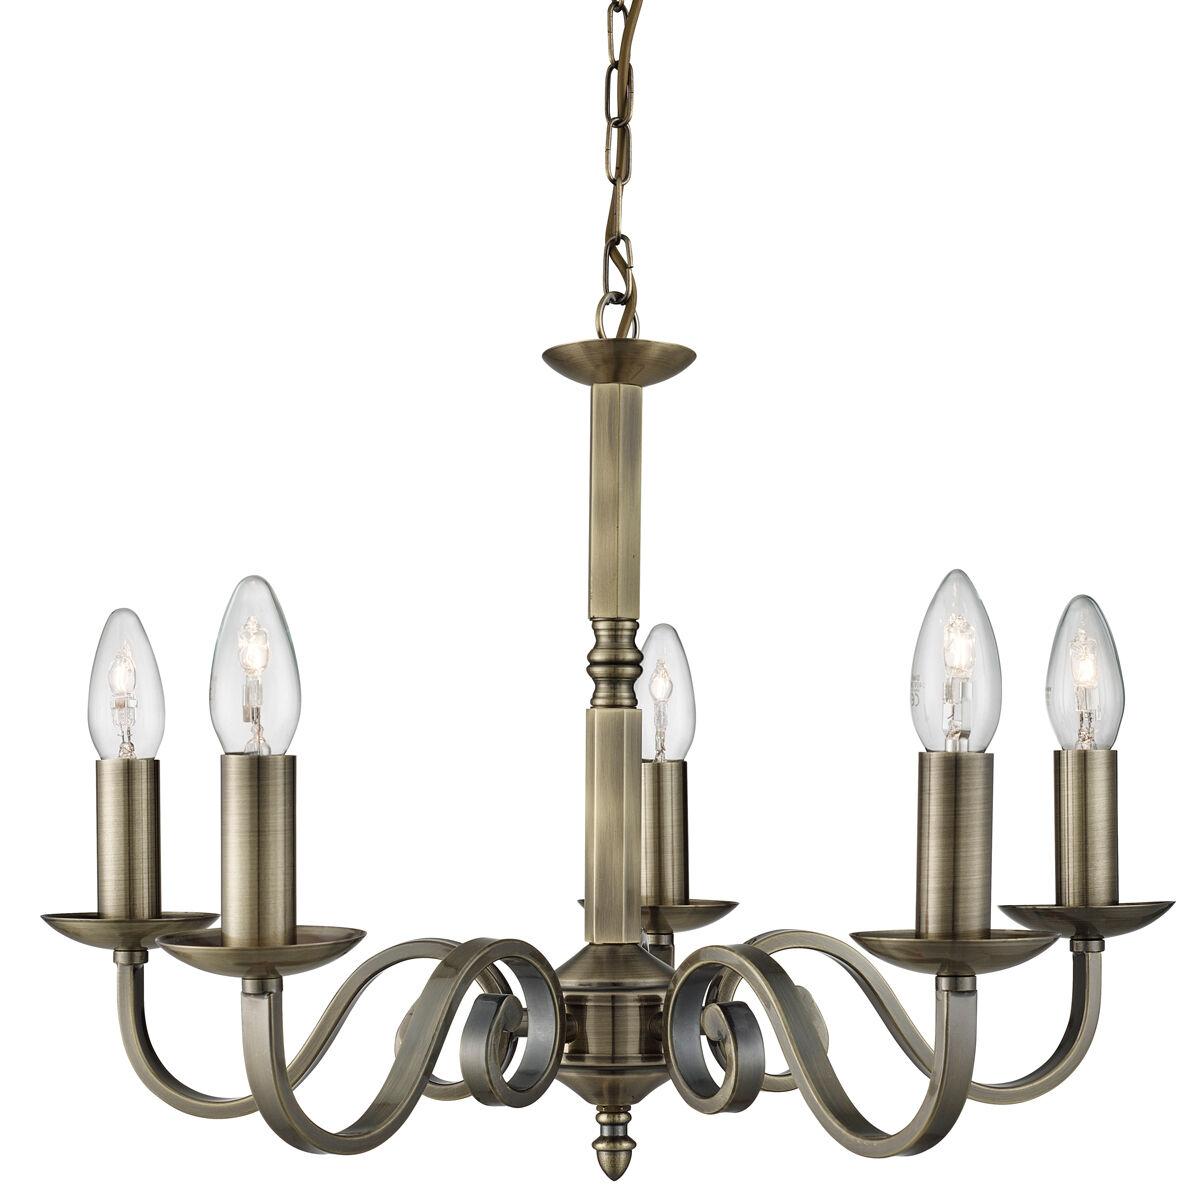 Projecteur 1505-5ab Richmond Laiton Antique 5 5 5 light candle sconce Lustre | De Nouveau Modèle  0731d3